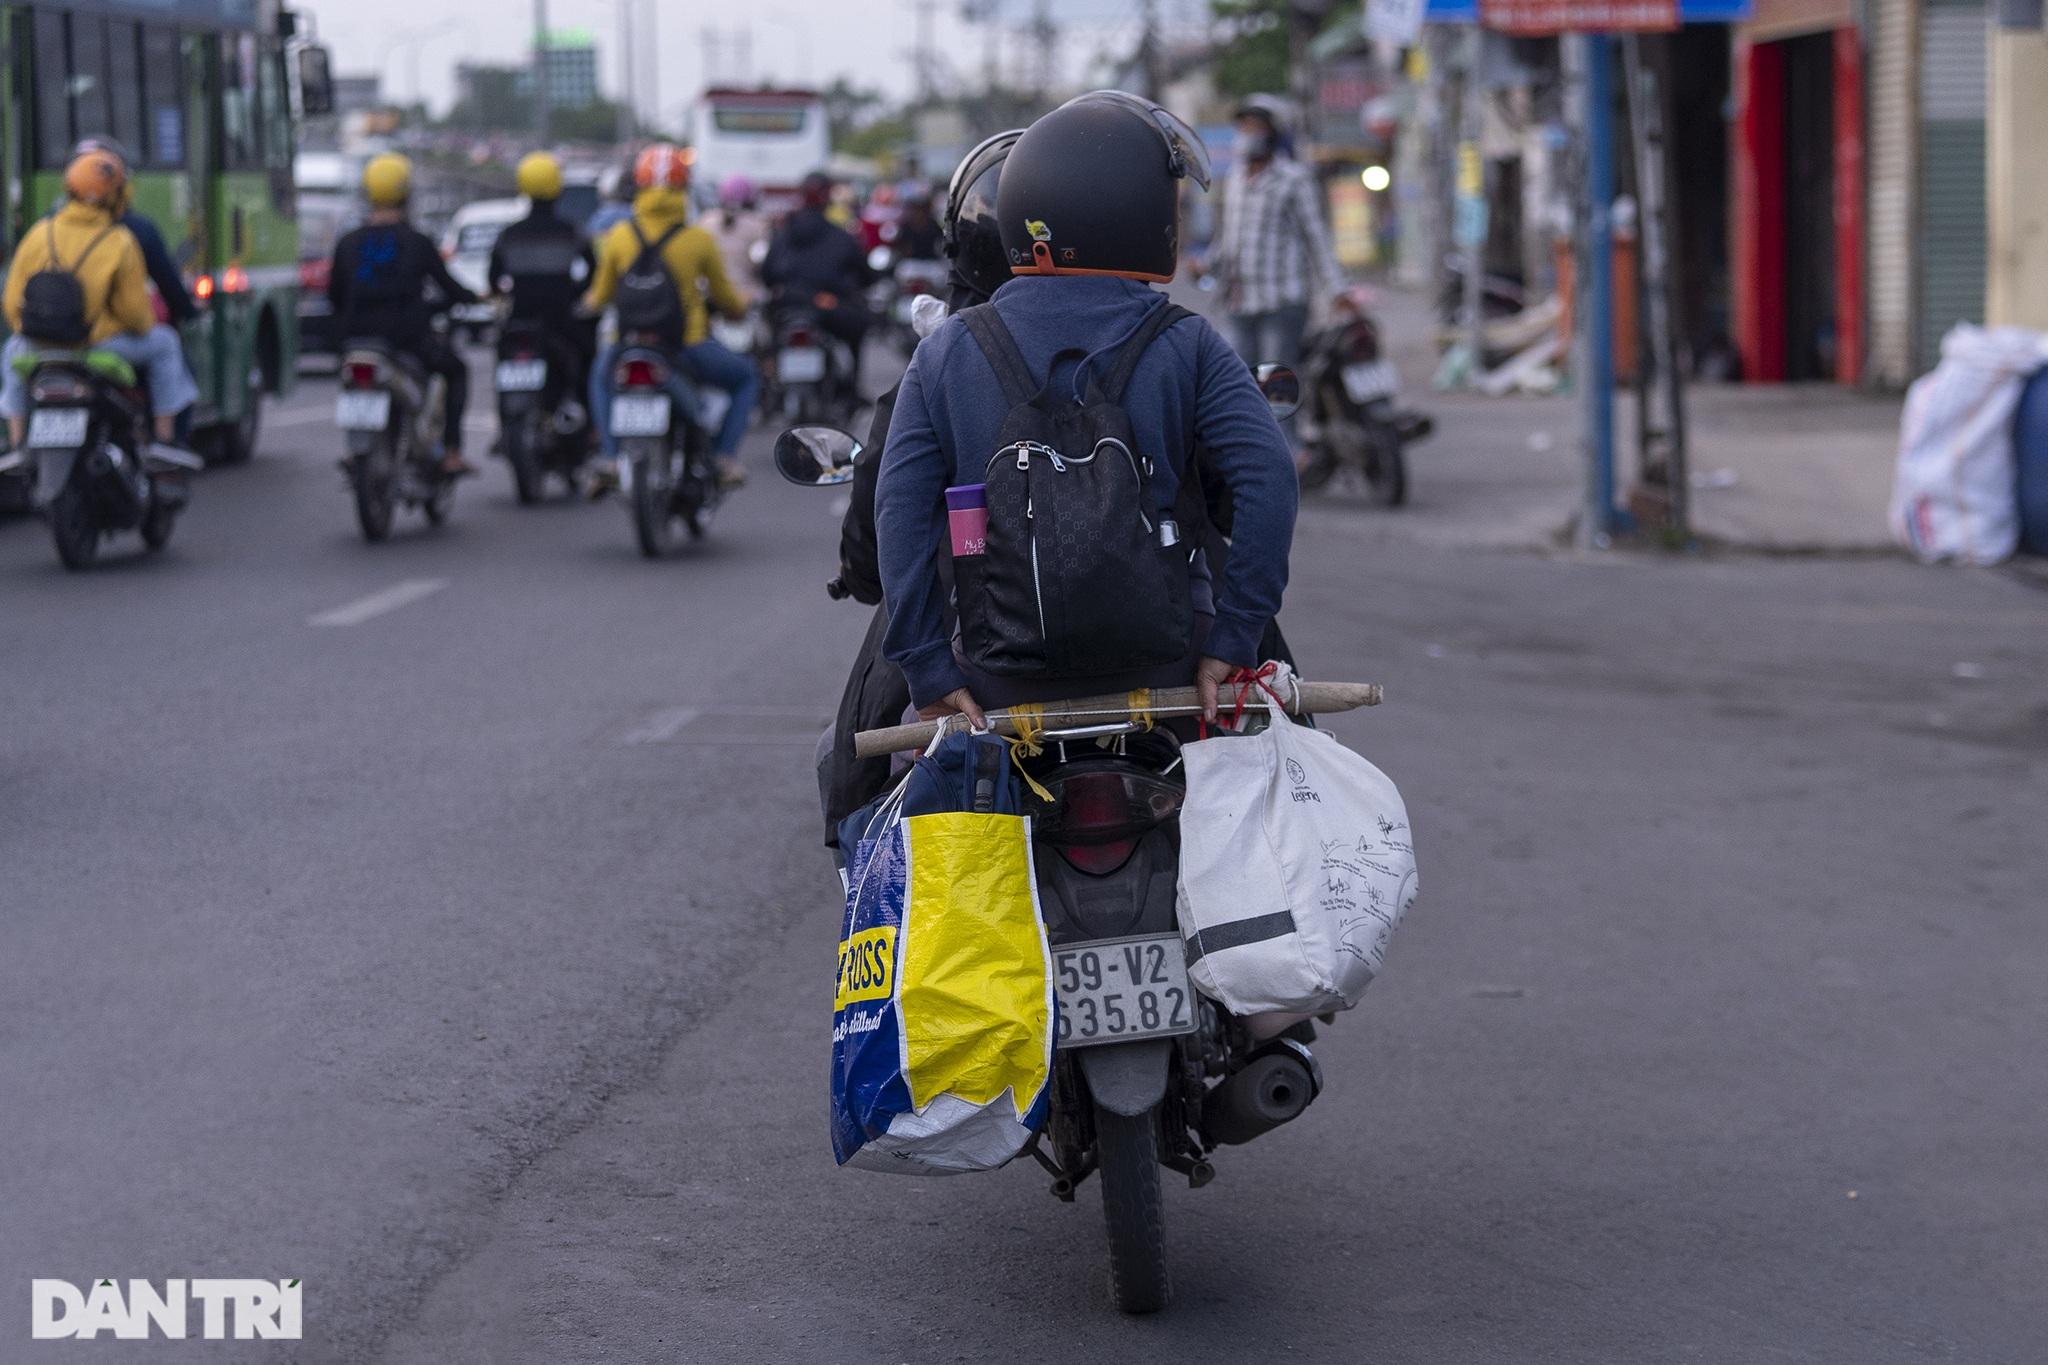 Người dân trở lại Sài Gòn sớm, giao thông cửa ngõ ùn tắc, hỗn loạn - 16